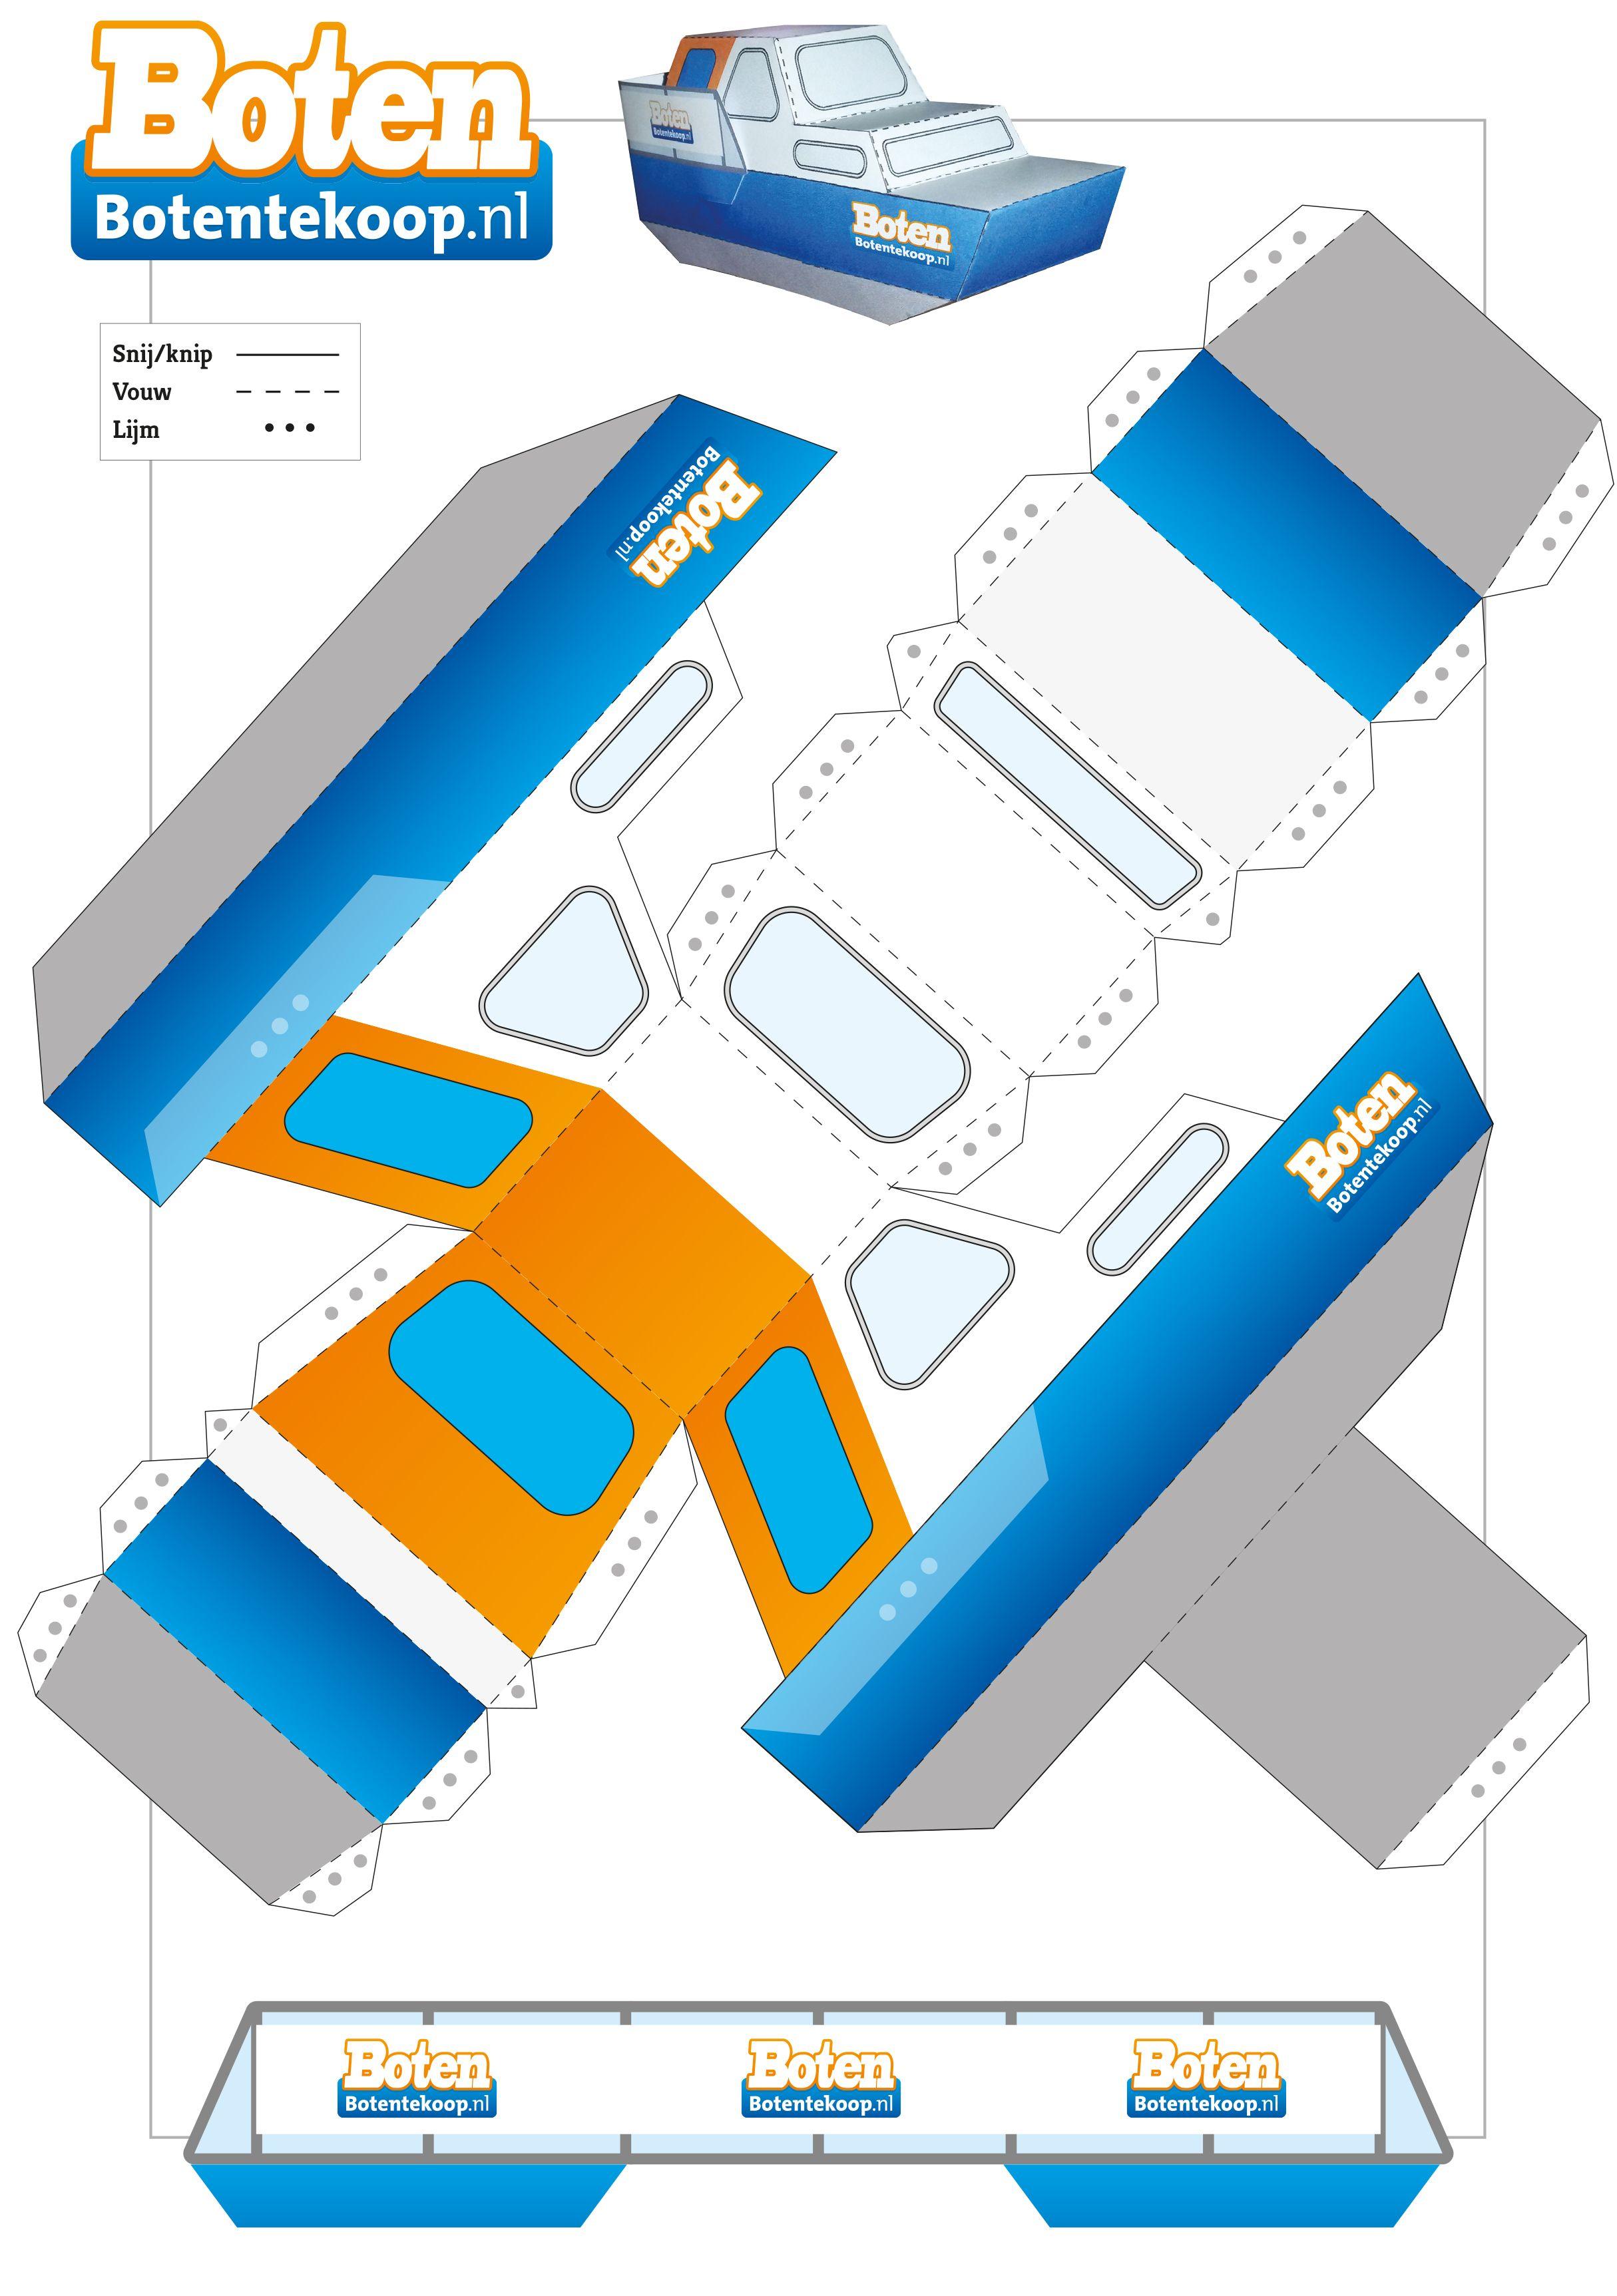 Een Mooie Boot Gemaakt Voor Bohil Media En Het Blad Boten Uitgedeeld Op Beurzen Image Paper Map